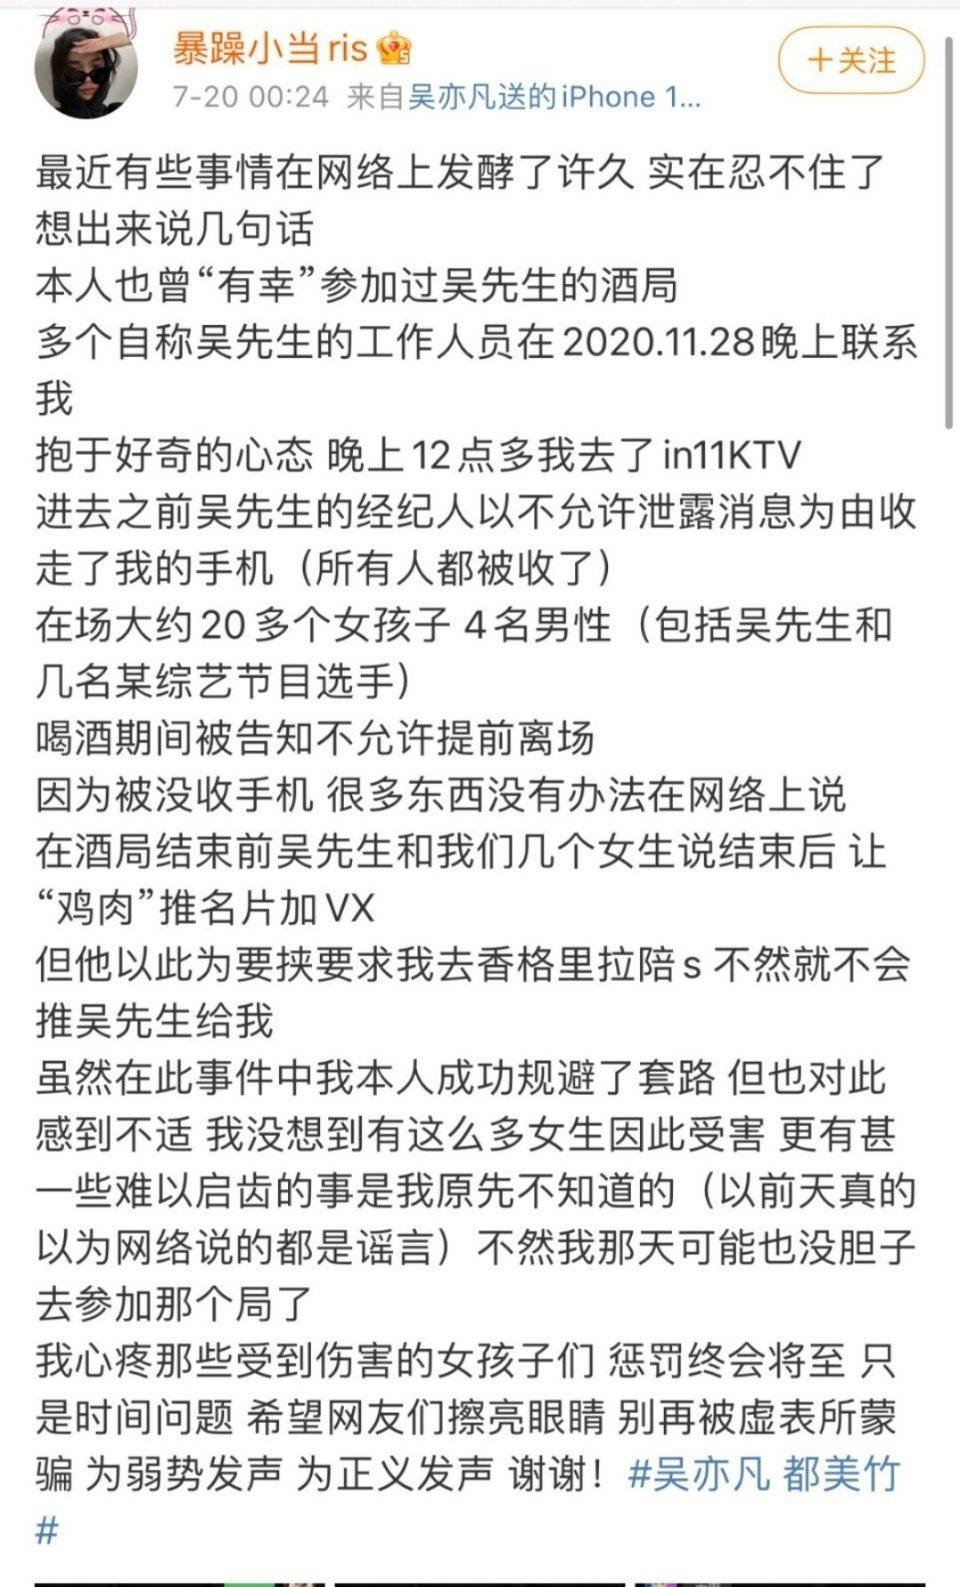 「暴躁小當ris」爆料吳亦凡酒局內容,23日透露已赴警局錄口供。 圖/擷自微博